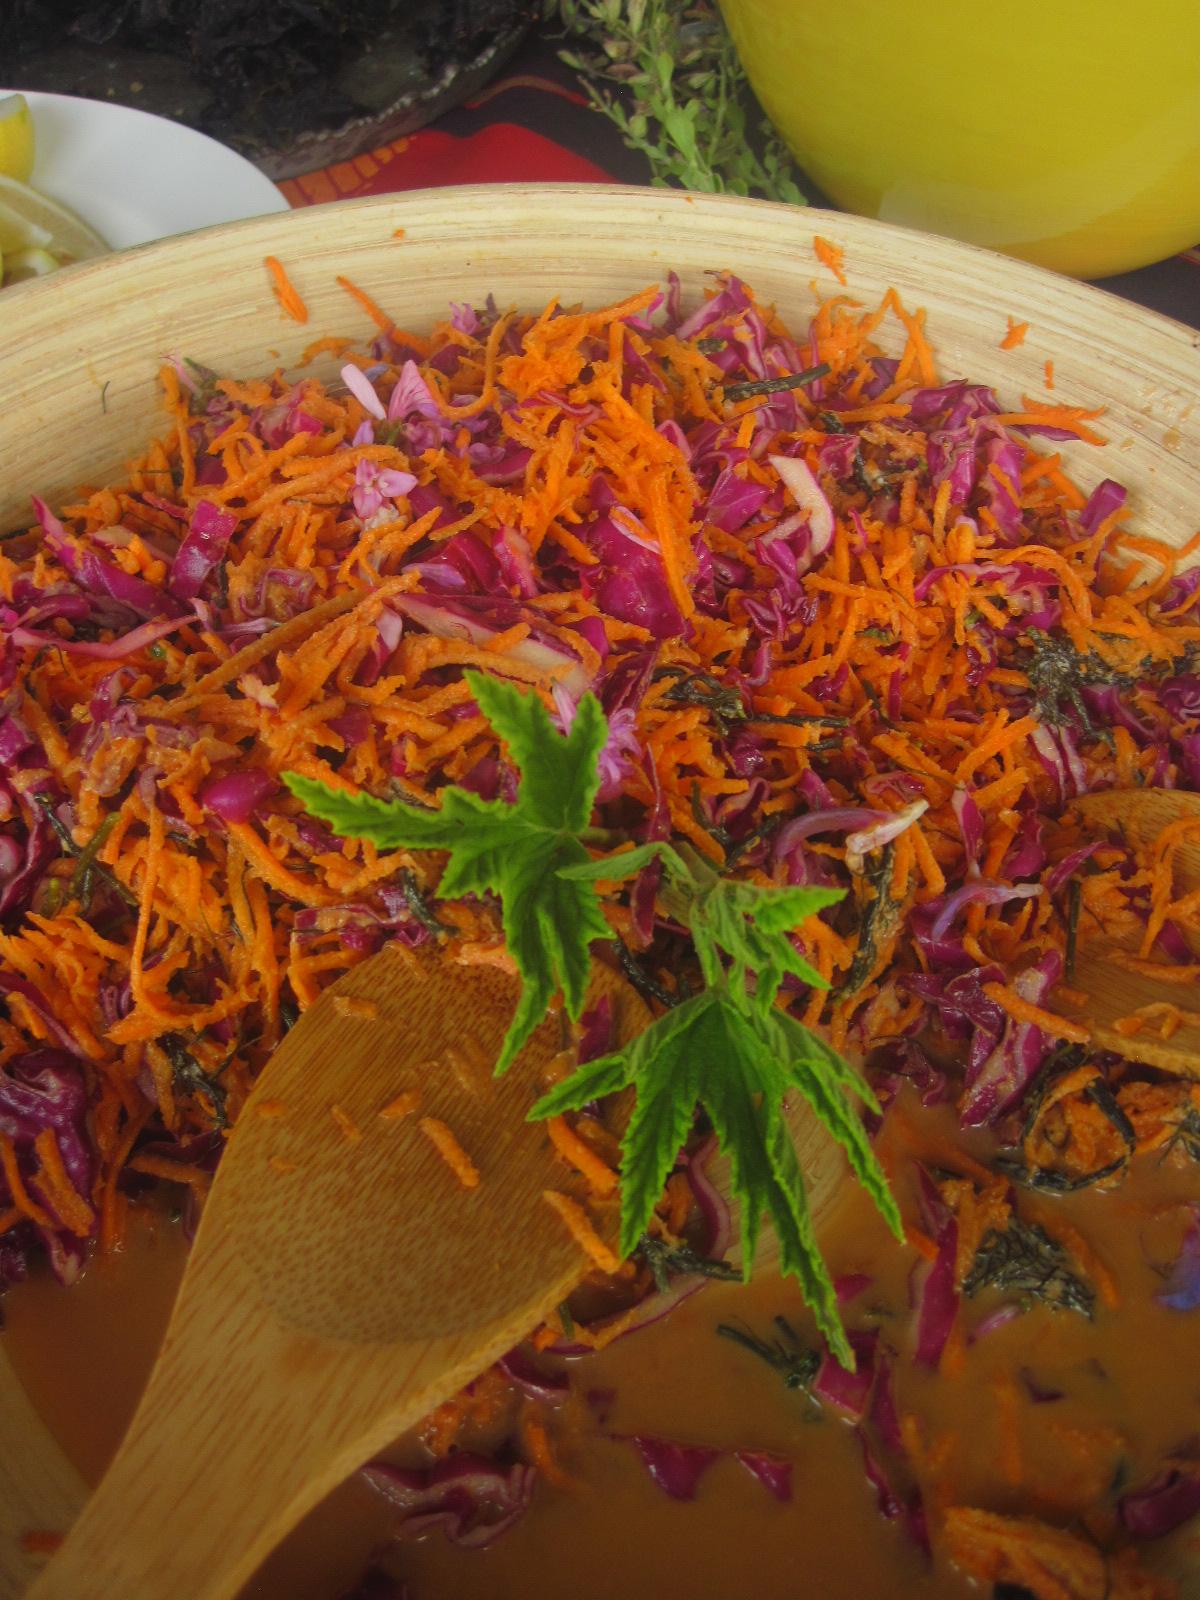 ... and Chordariopsus seaweed coleslaw salad with edible wild flowers